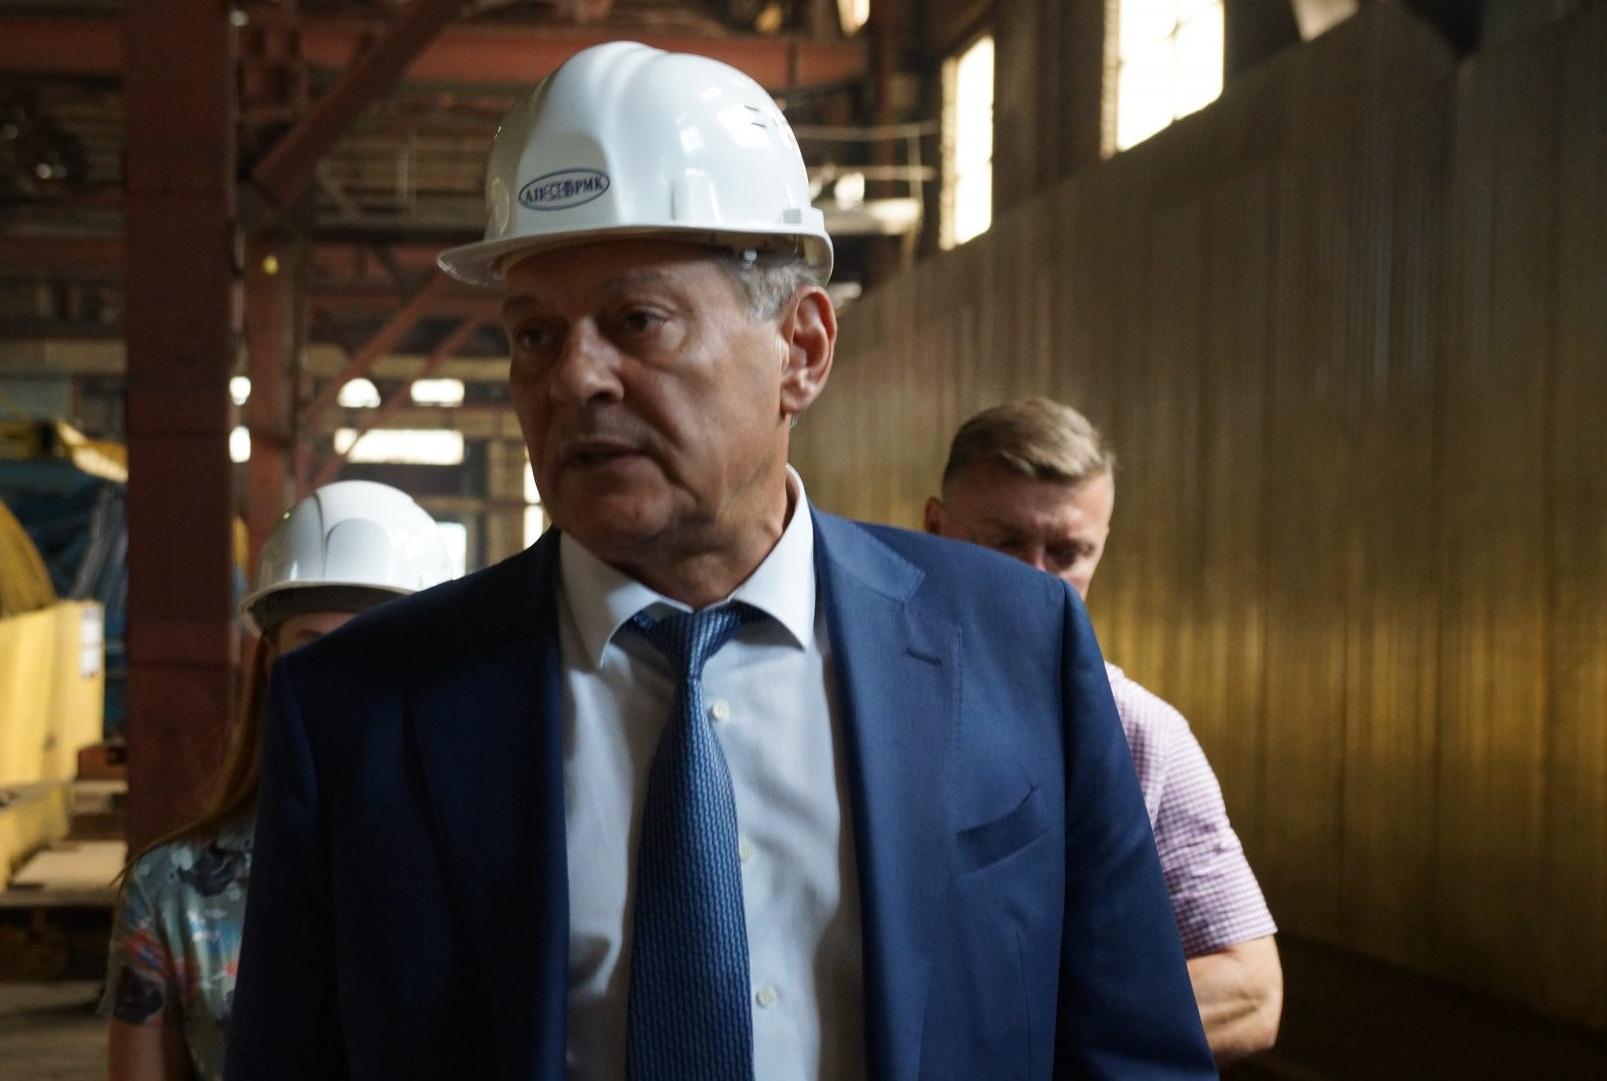 Саратовский завод резервуарных металлоконструкций посетил председатель облправительства Александр Стрелюхин